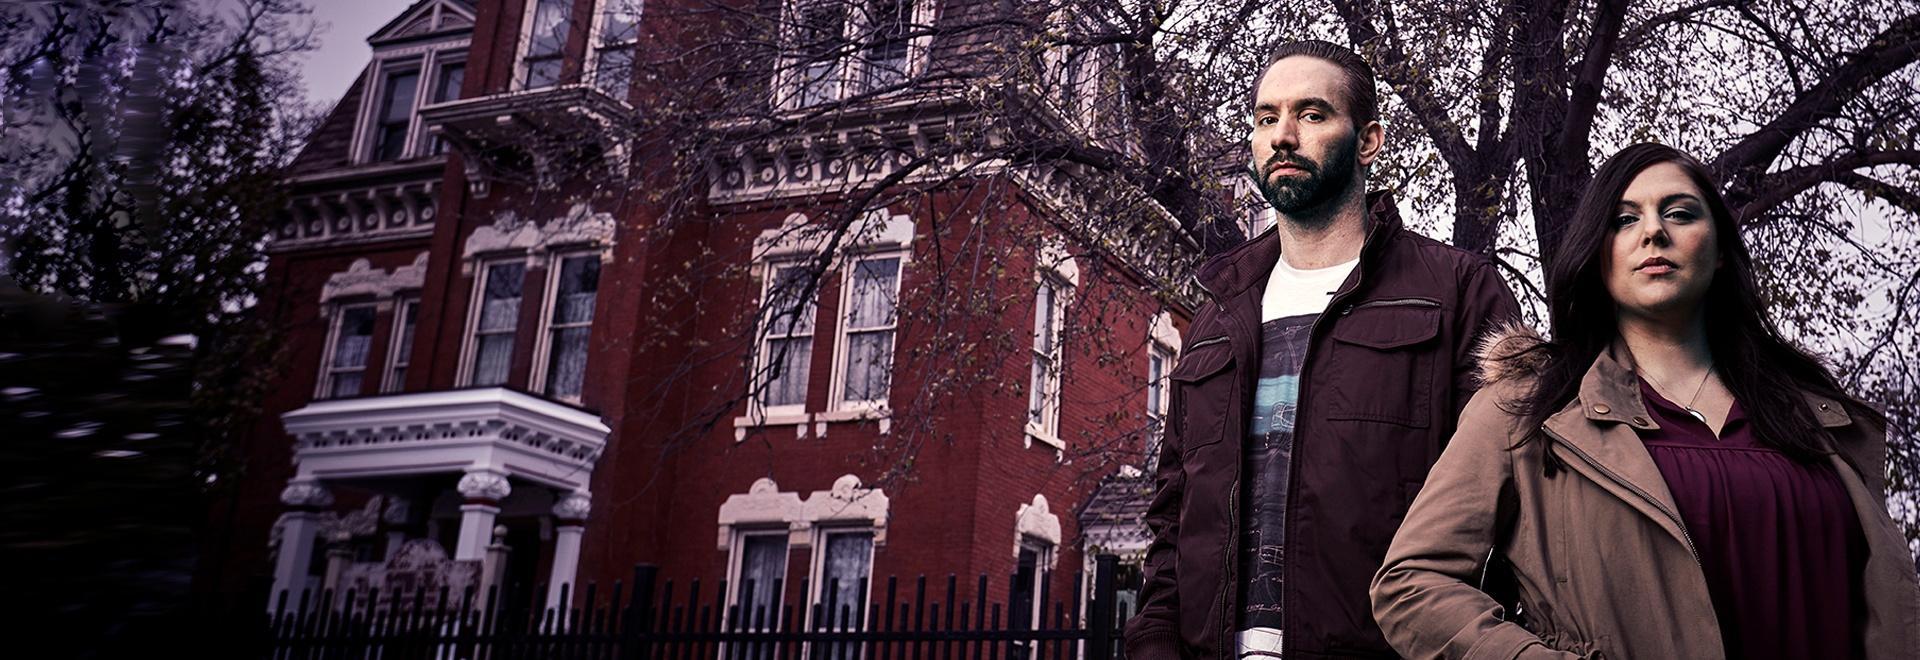 La Beattie Mansion